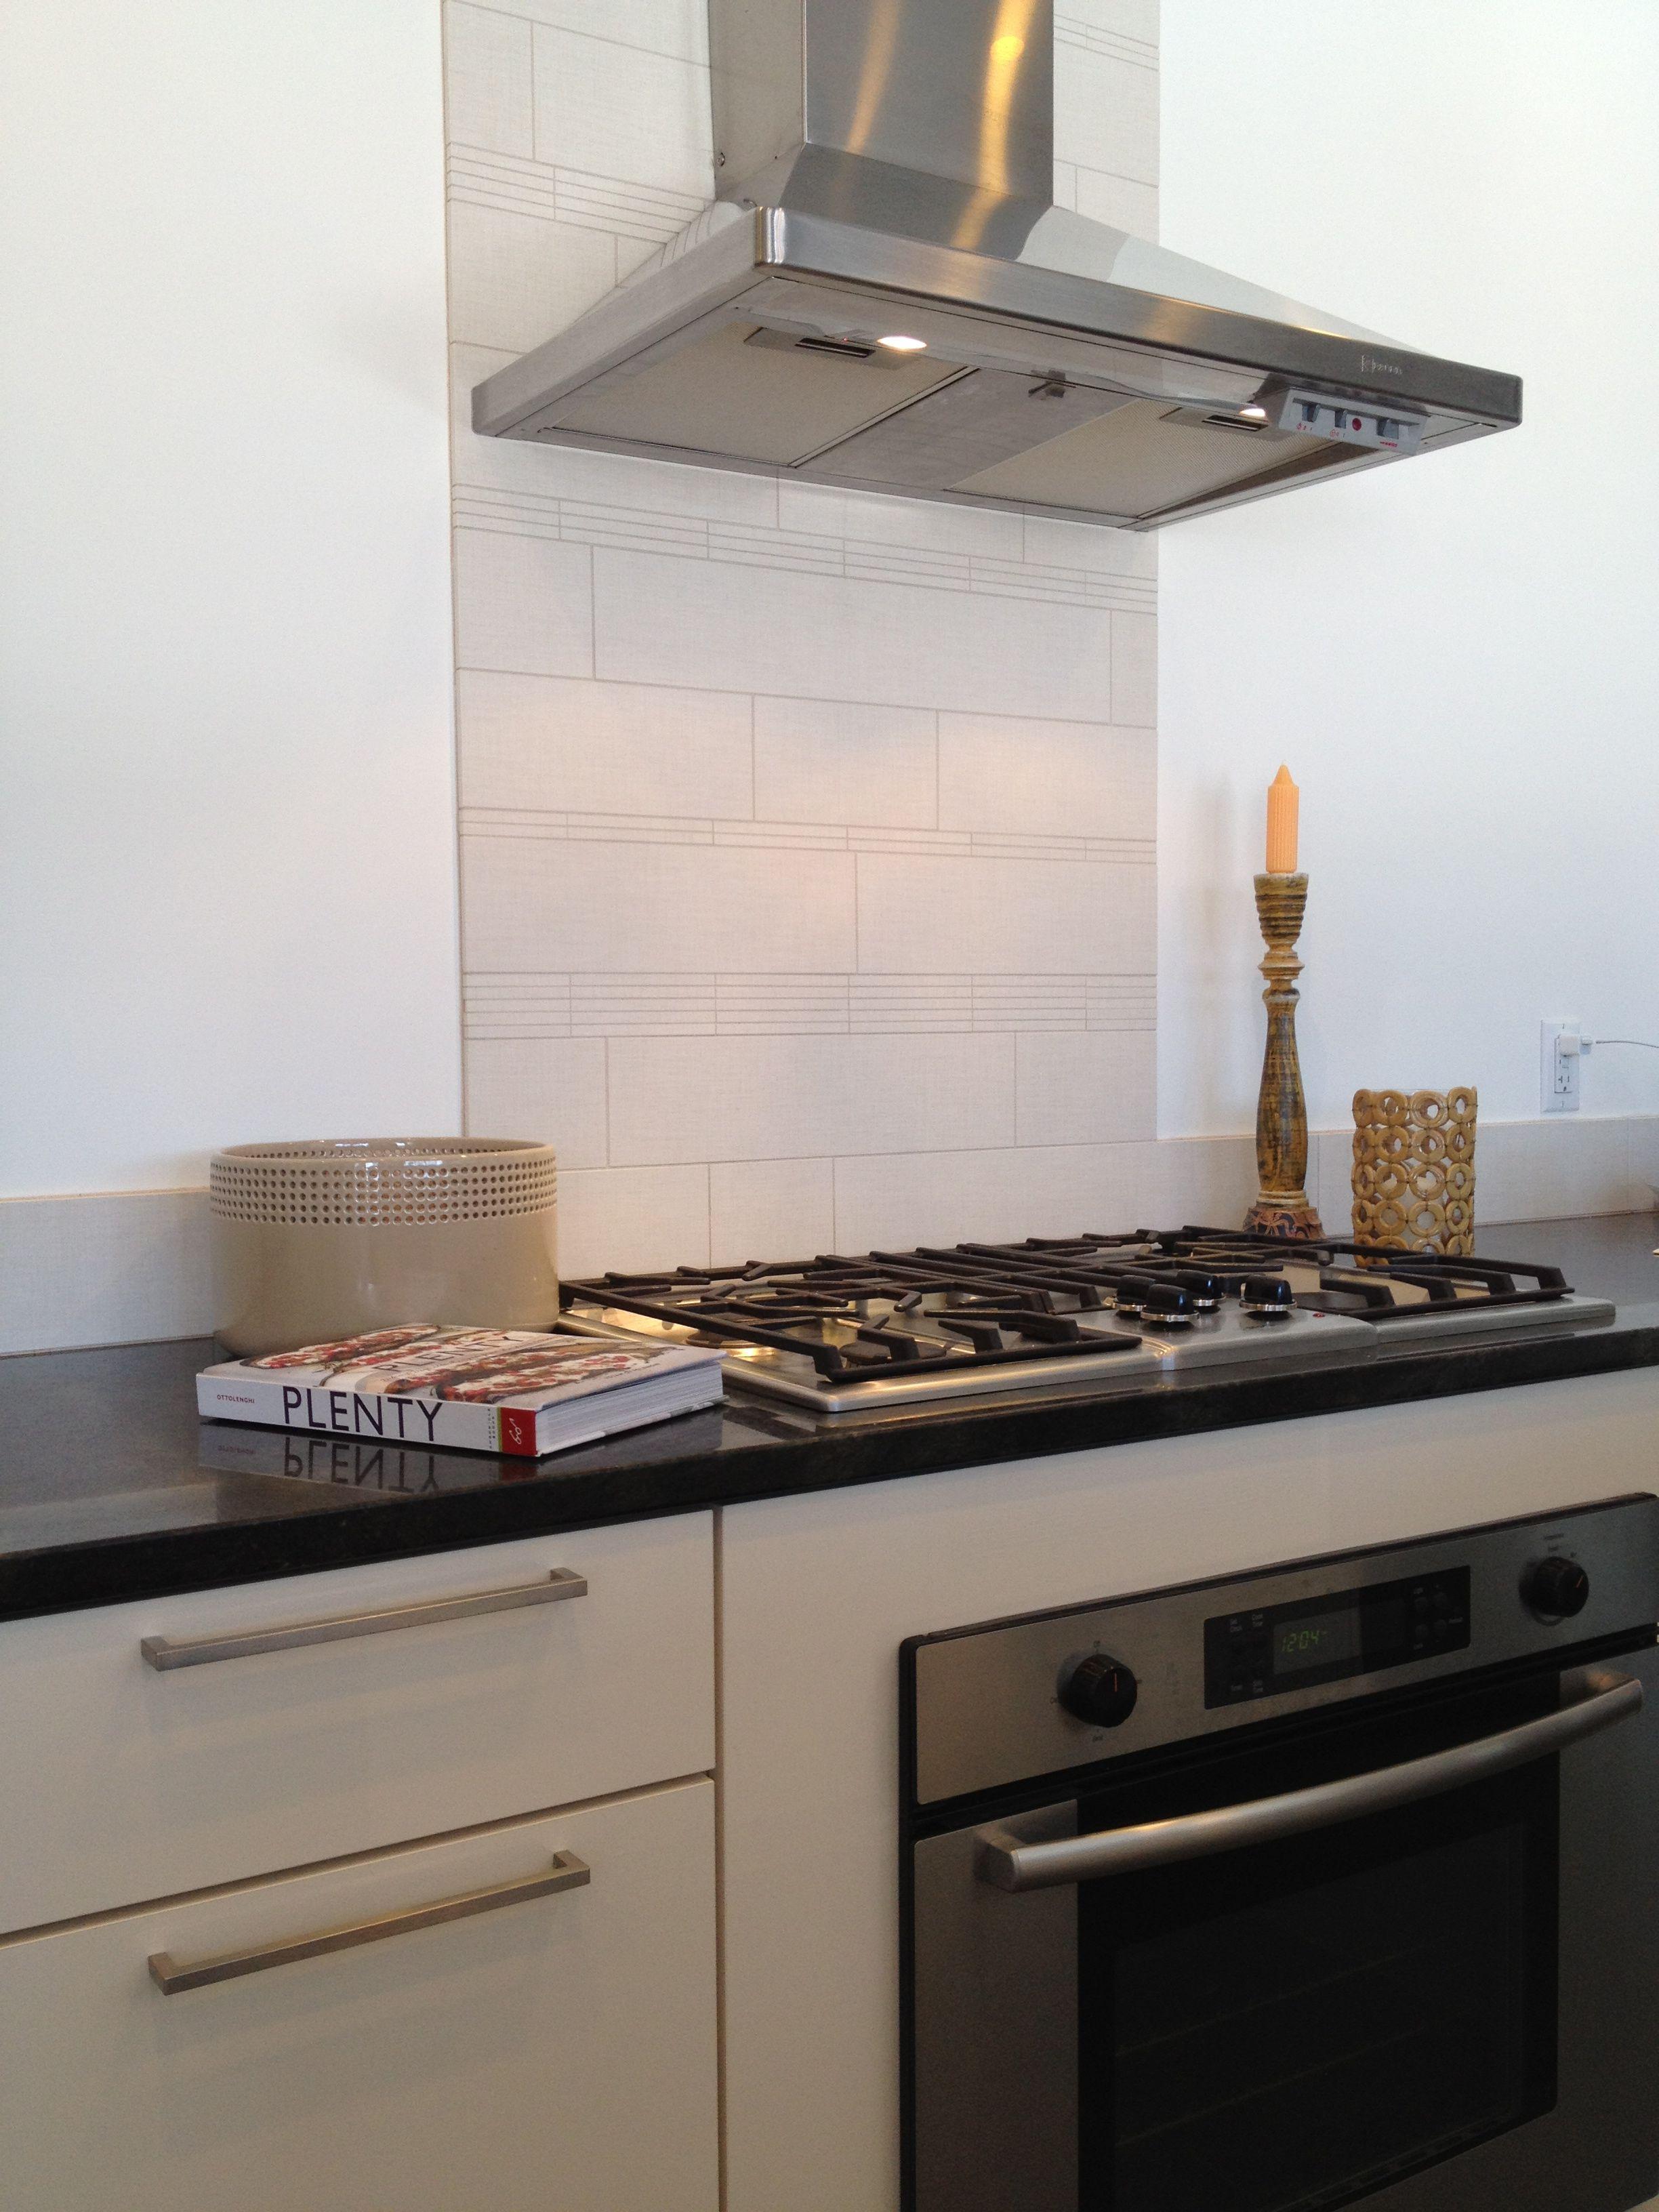 kitchen backsplash Featured on http//www.houzz